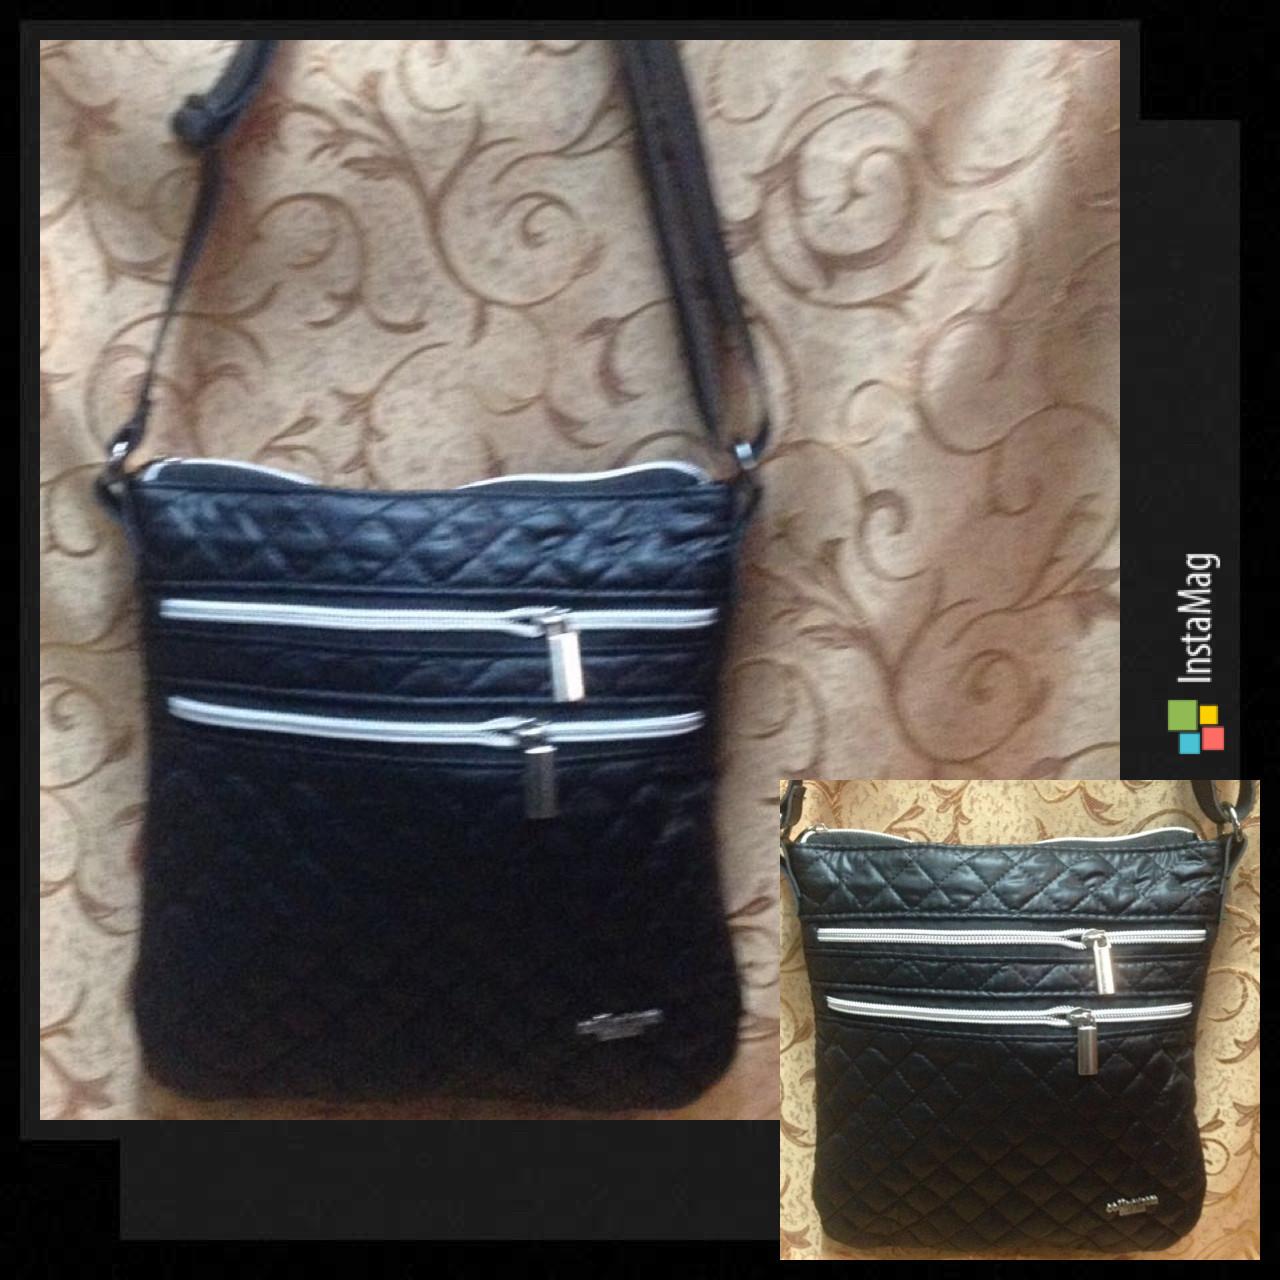 Клатч женский Сумка стеганная  черный+Серебро/Женские сумка/сумка стеганная/Сумка для через плечо(только ОПТ)